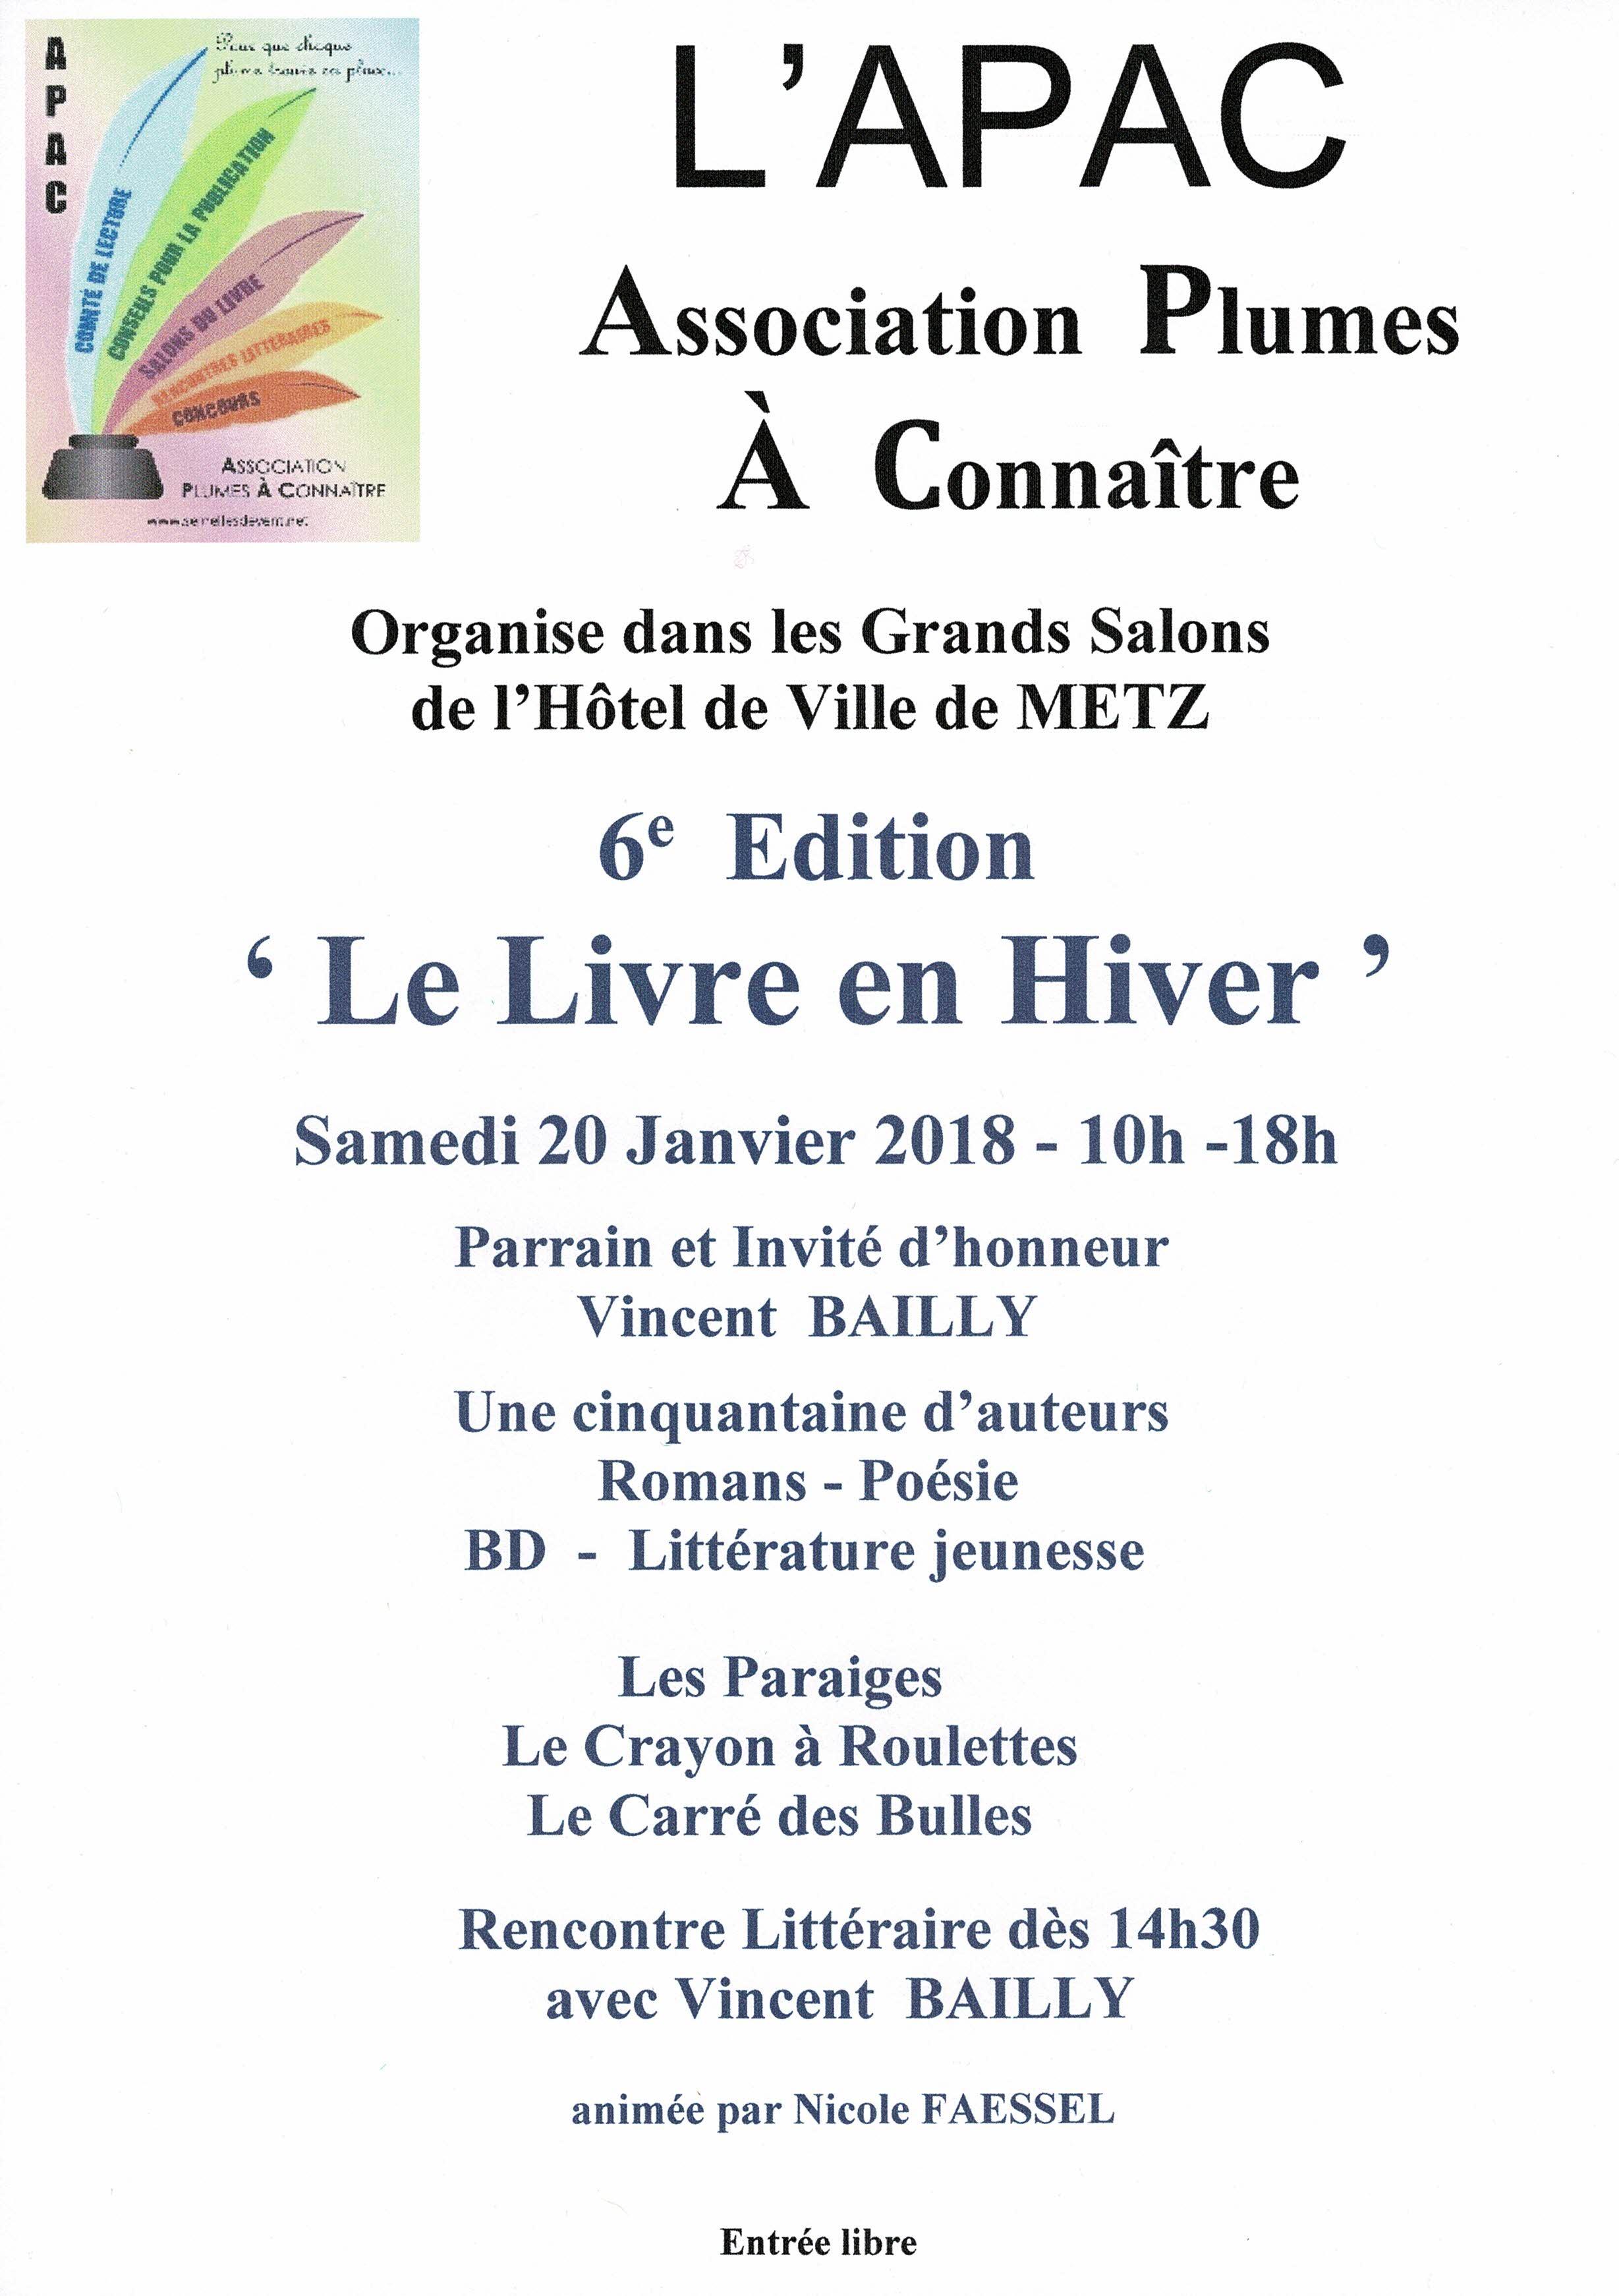 SALON ' LE LIVRE EN HIVER' 2018